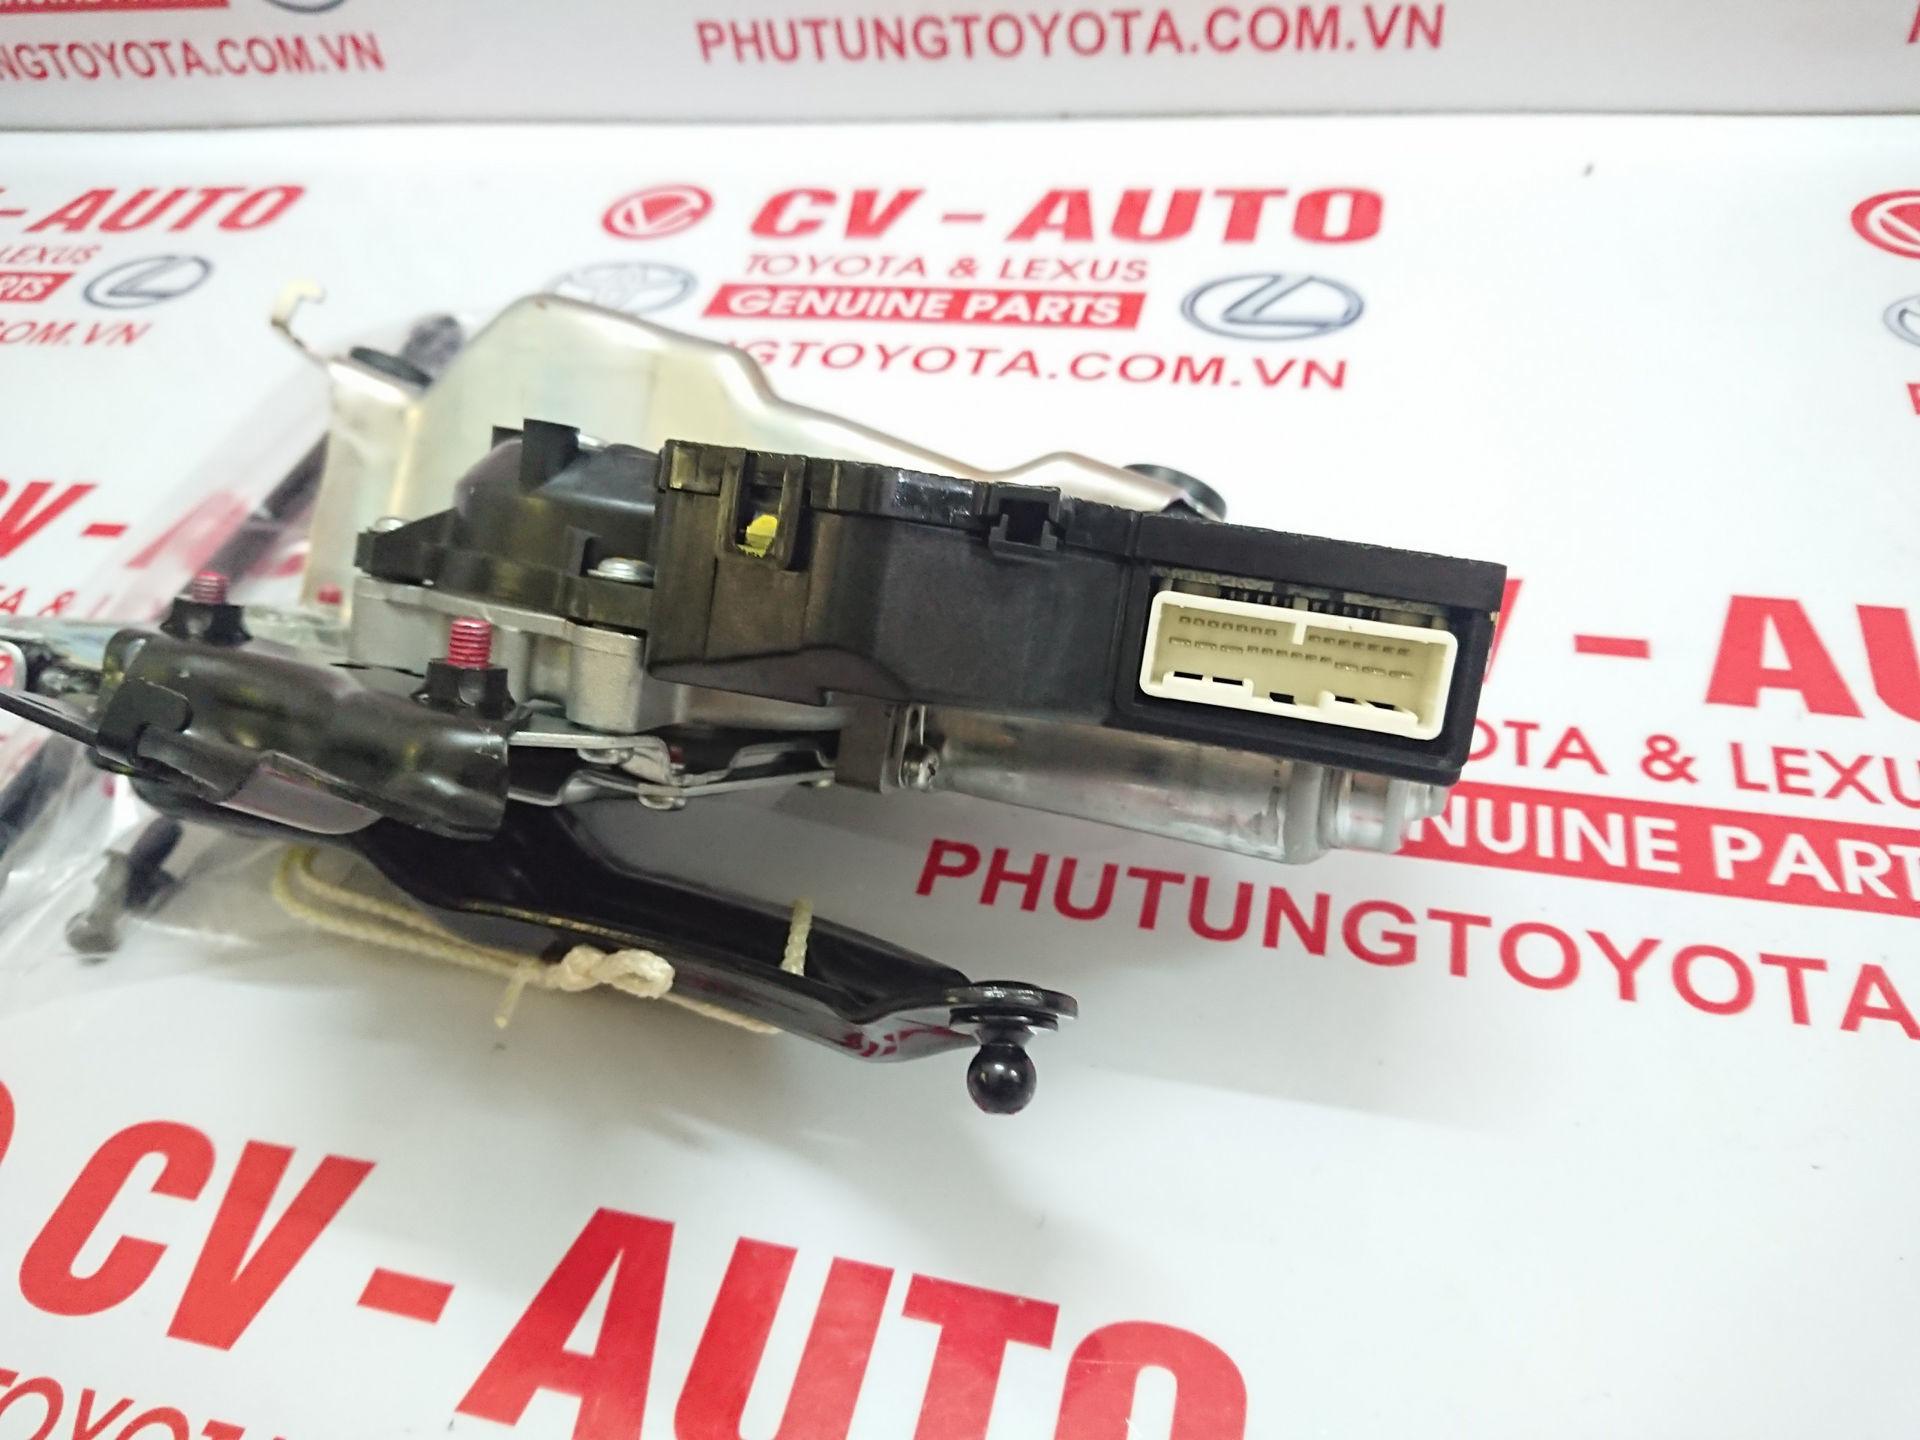 Picture of 68910-69028 Mô tơ nâng cửa hậu Lexus LX570 chính hãng